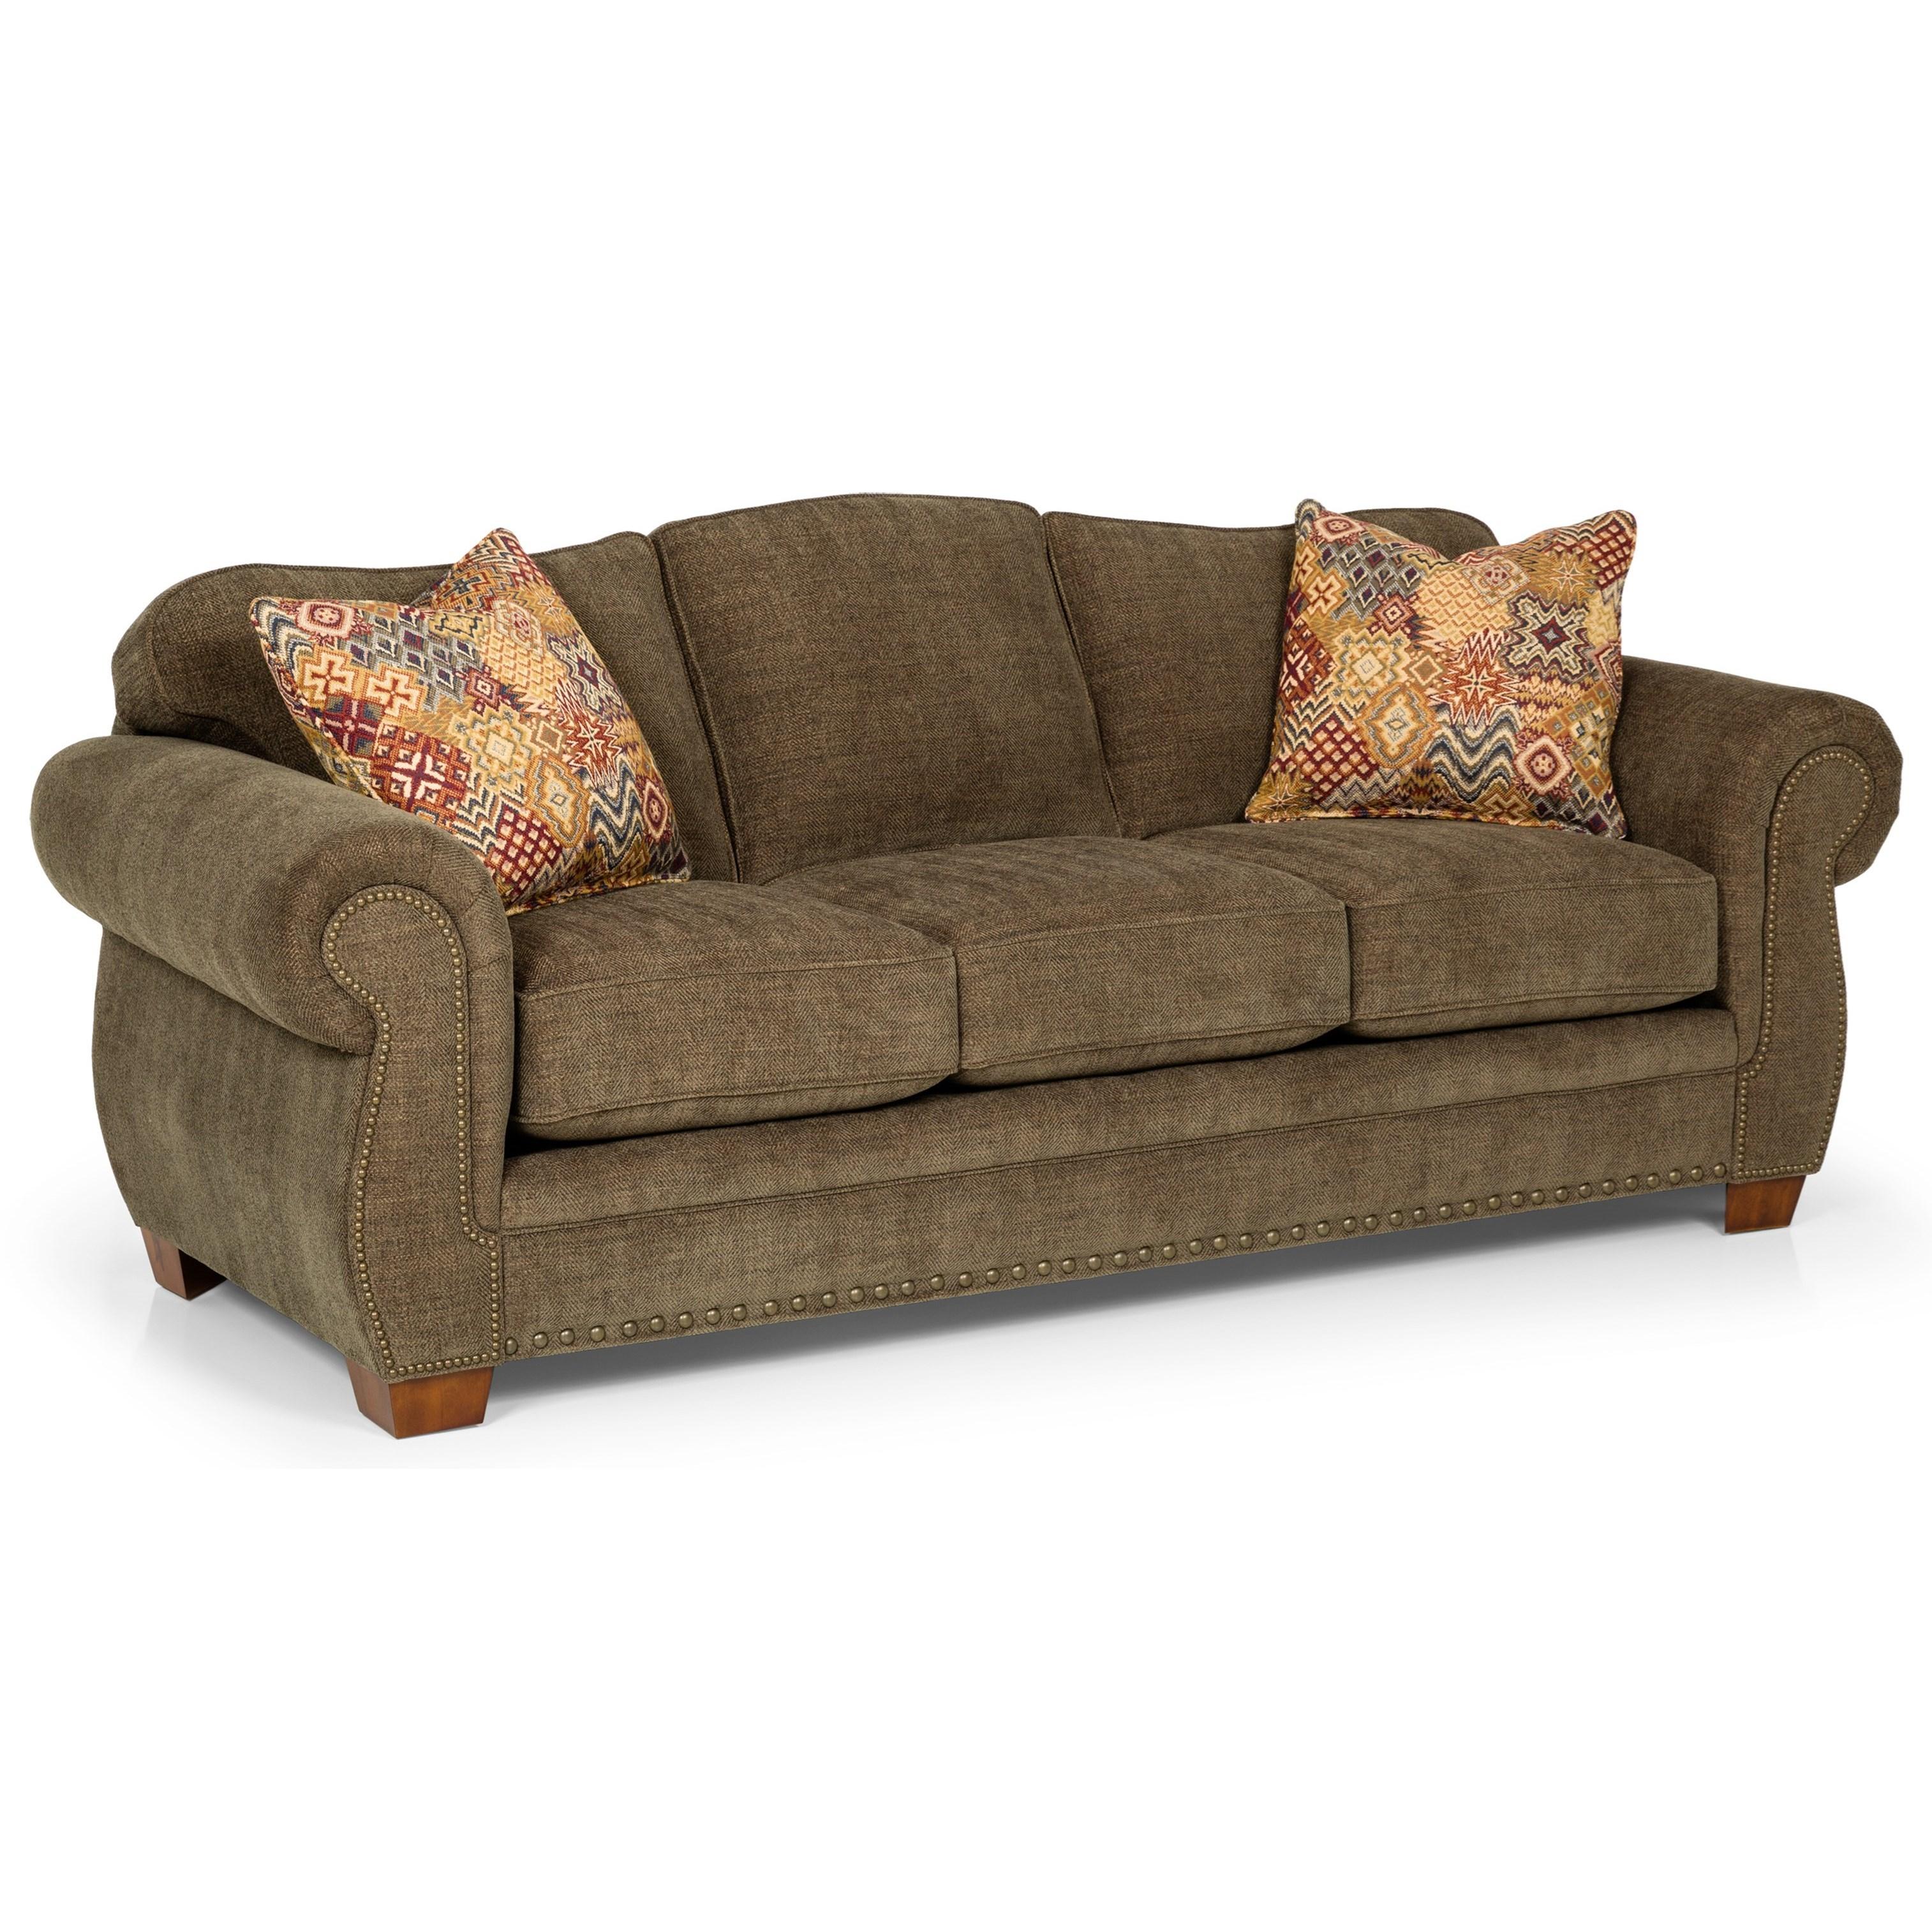 Stanton 273 Sofa - Item Number: 273-01